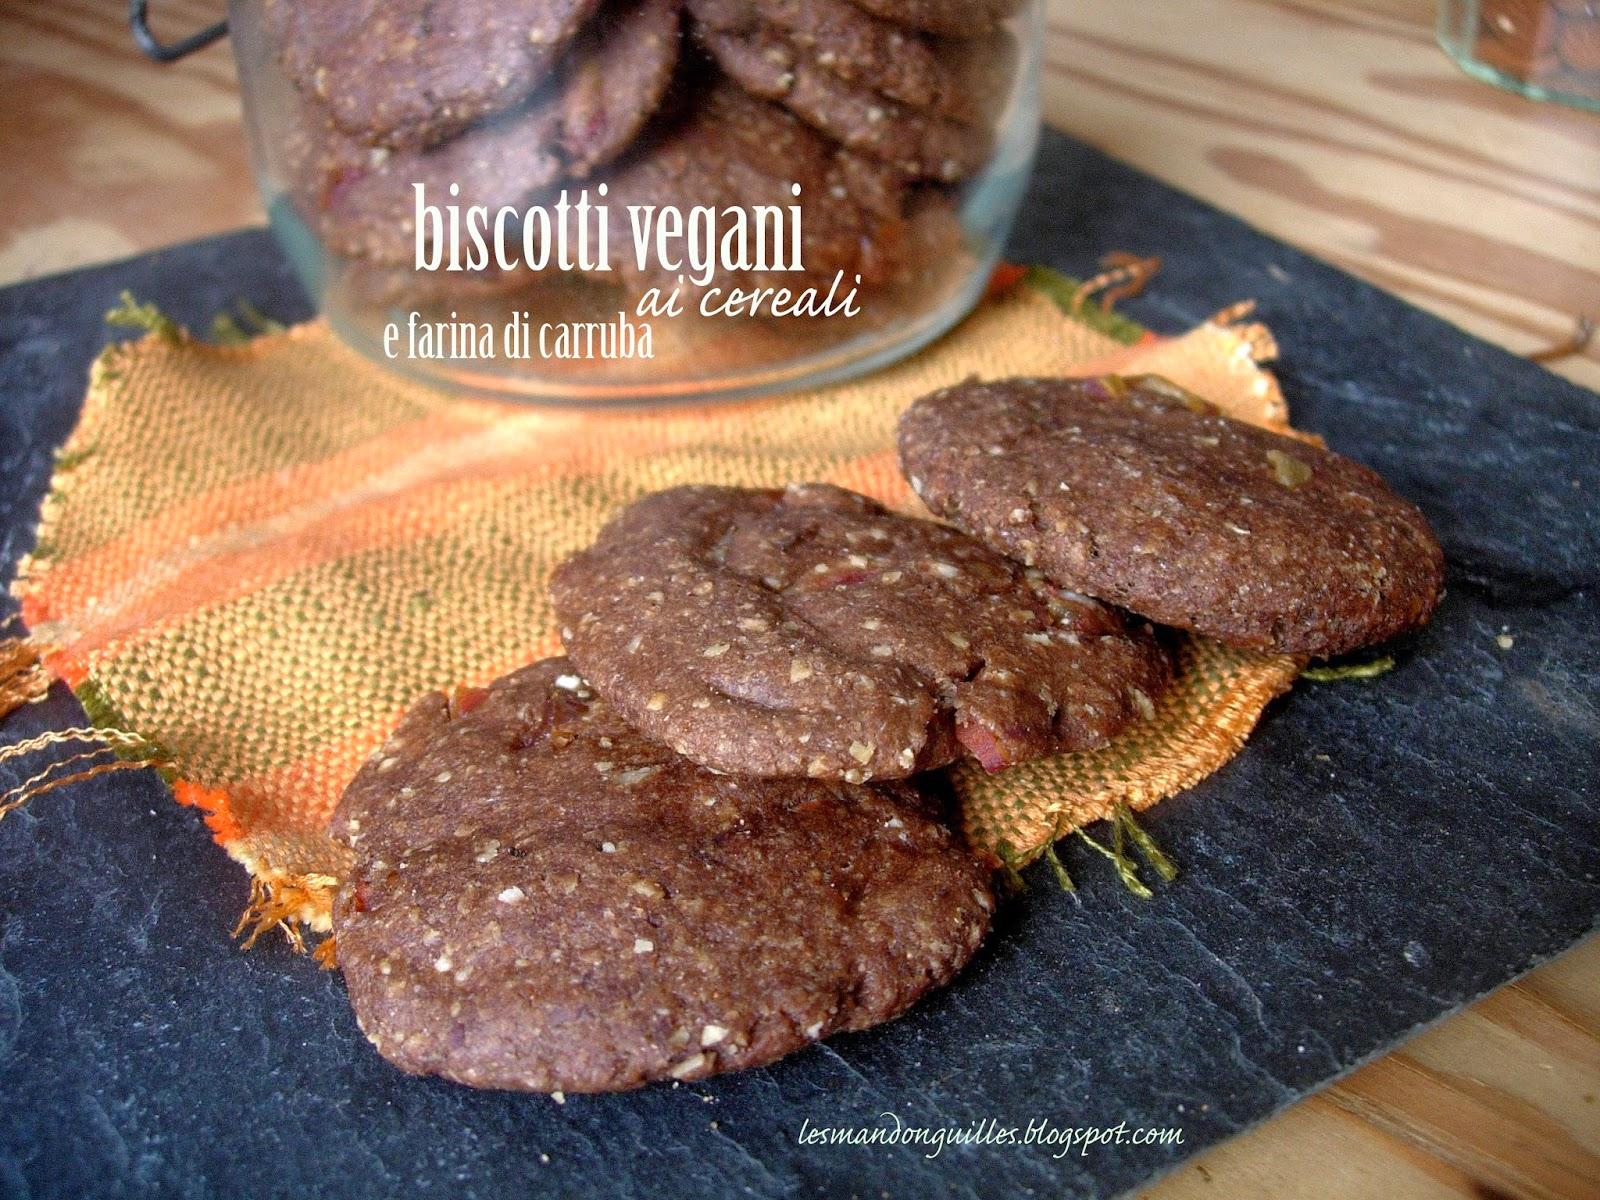 biscotti vegani ai cereali e farina di carruba con mandorle e datteri